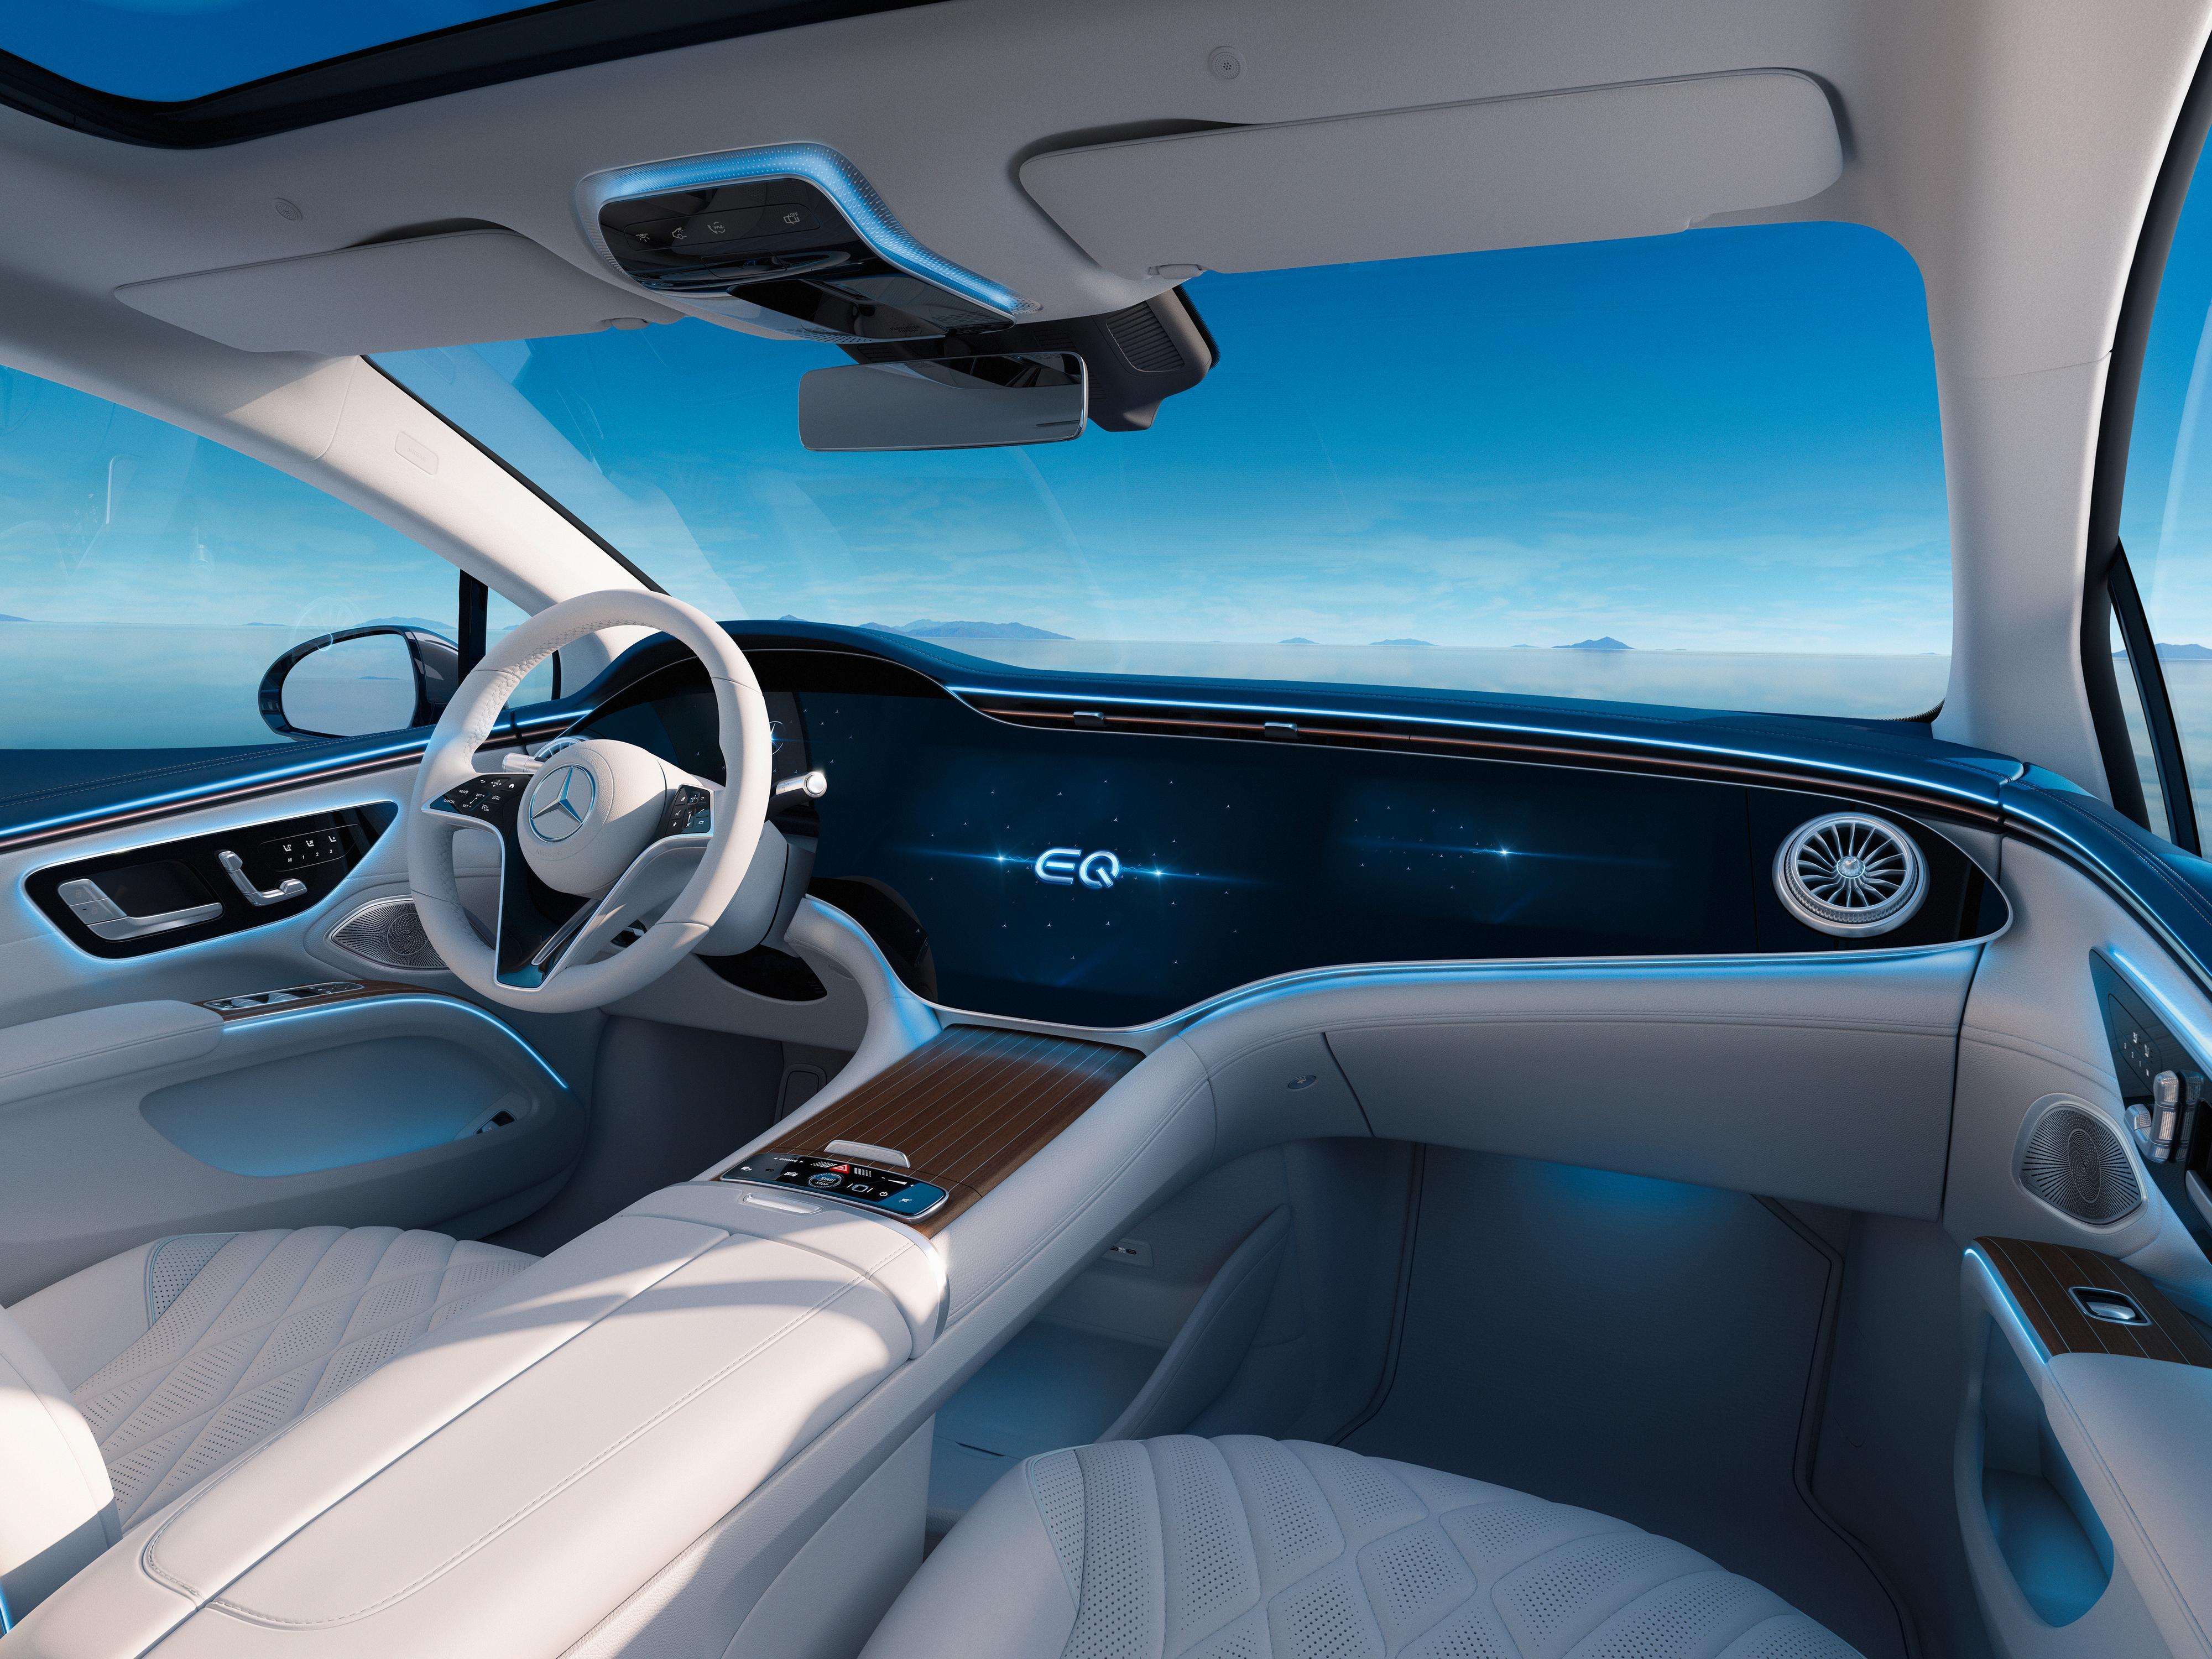 Den gigantiske Hyperscreen-skjermen i EQS preger unektelig førermiljøet. Den måler 56 tommer og er egentlig tre skjermer i én, men er ikke standardutstyr i bilen.